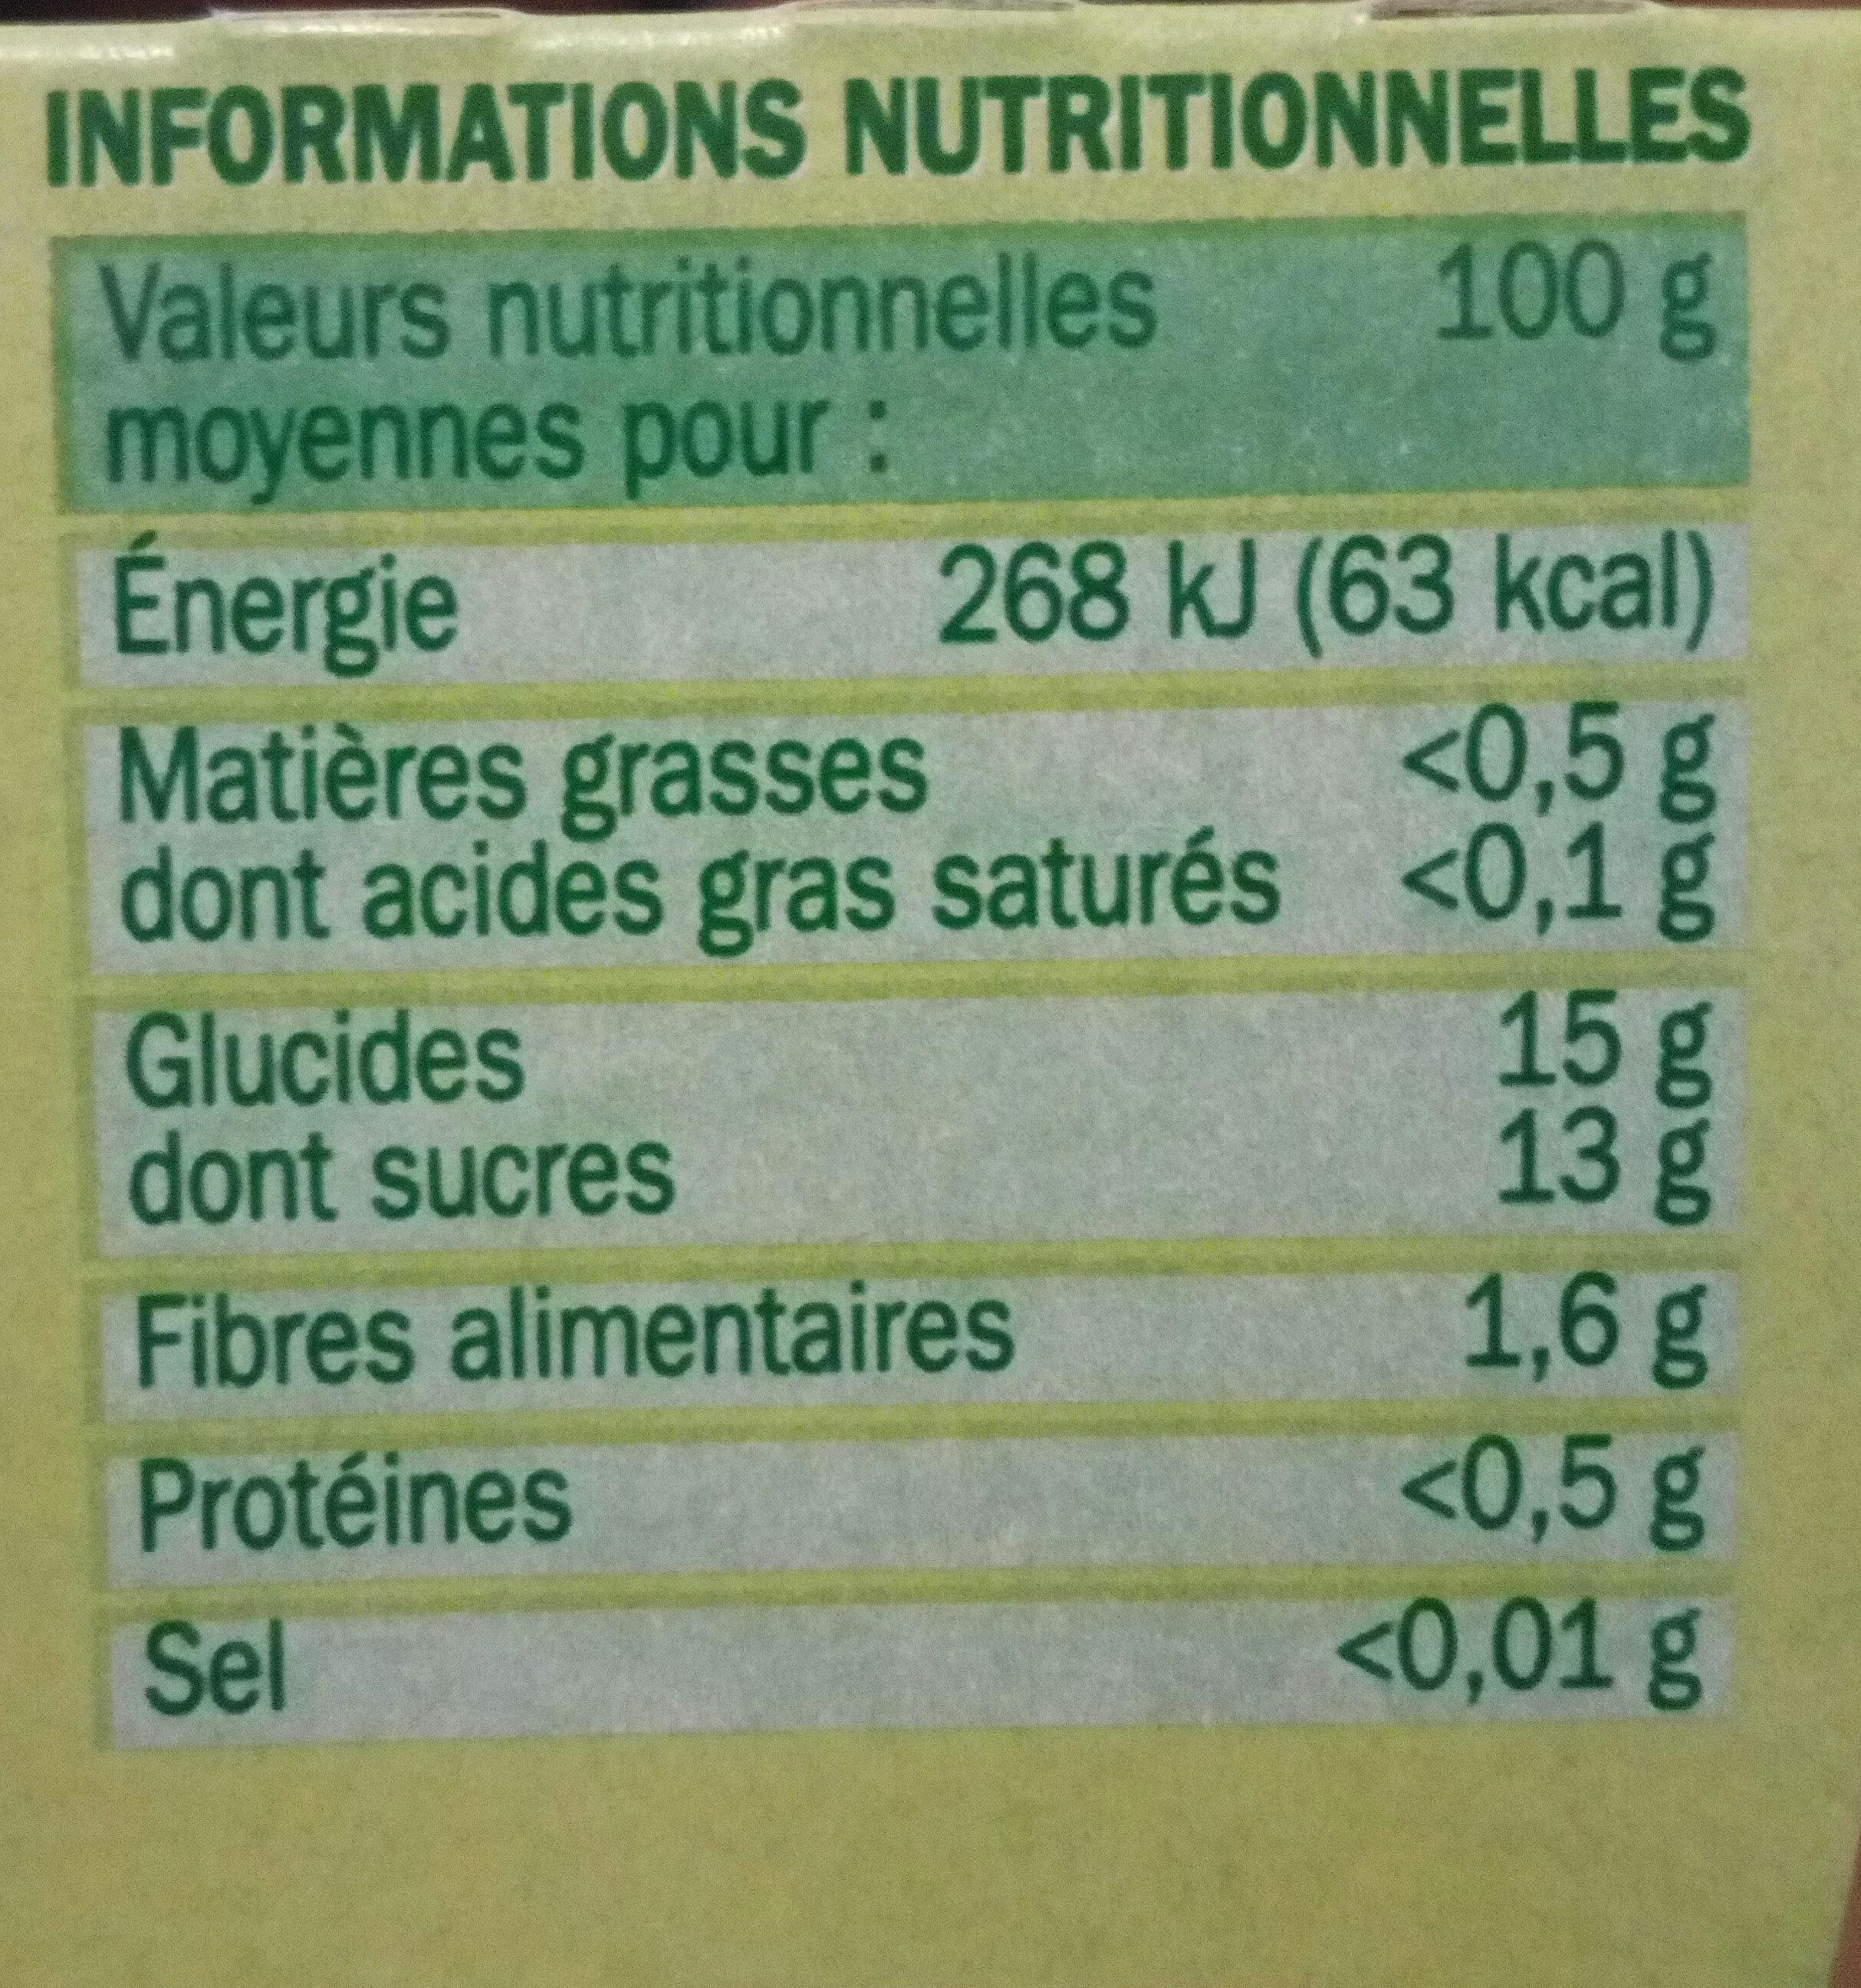 Spécialité fruits pom poire - Informations nutritionnelles - fr